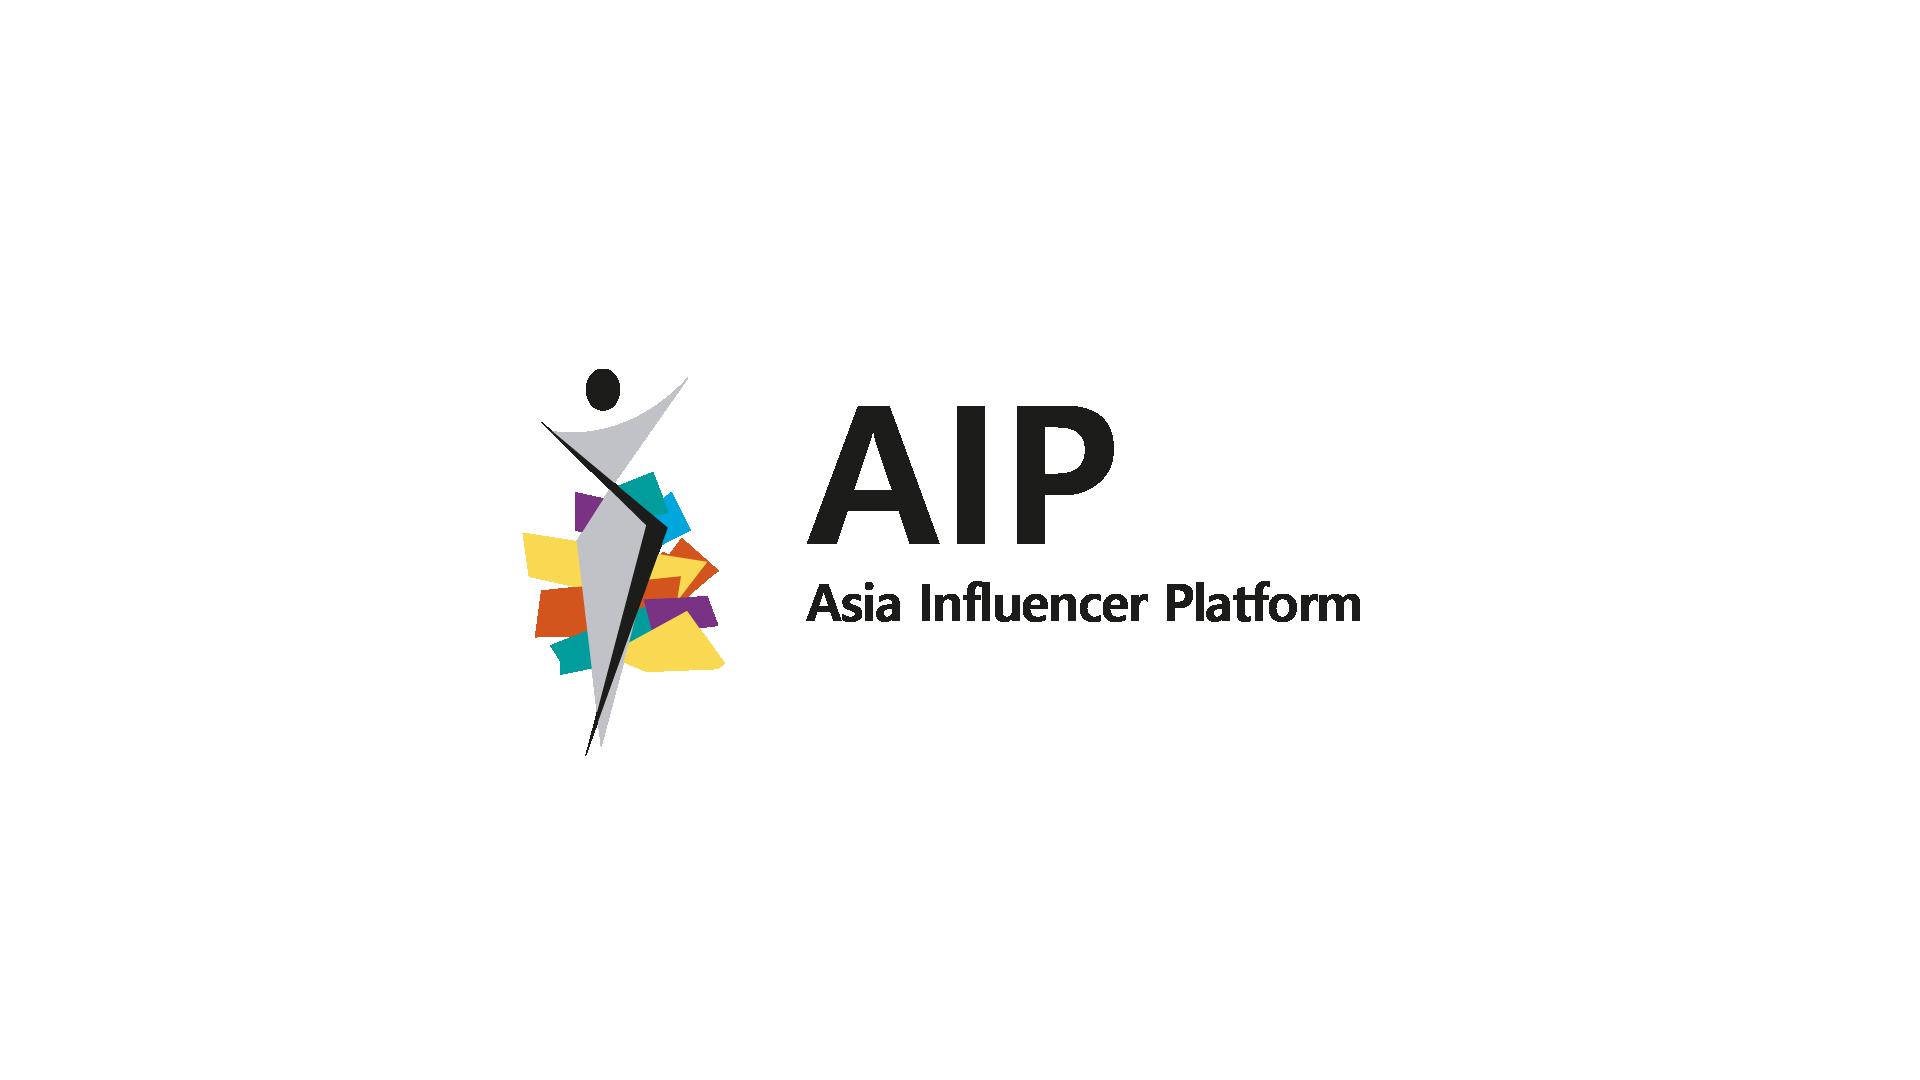 AIP Asia Influencer Platform png logo